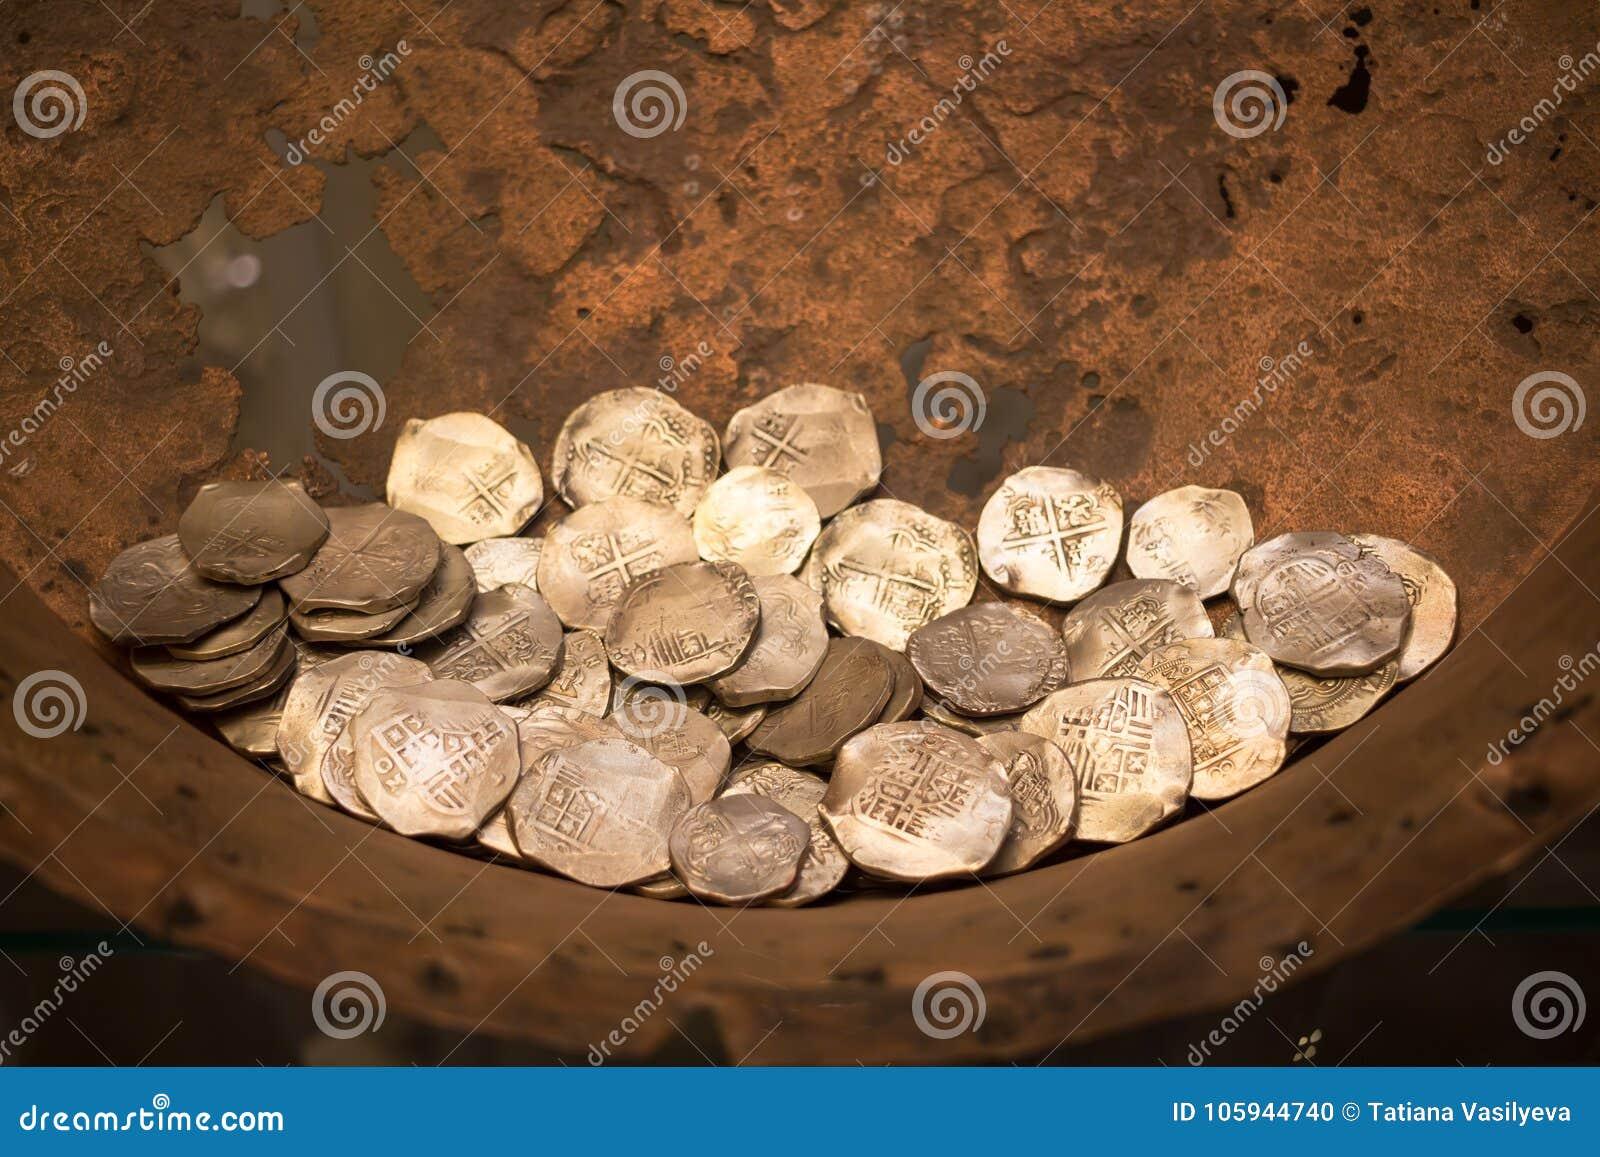 Découvertes archéologiques de vieilles pièces de monnaie des excavations